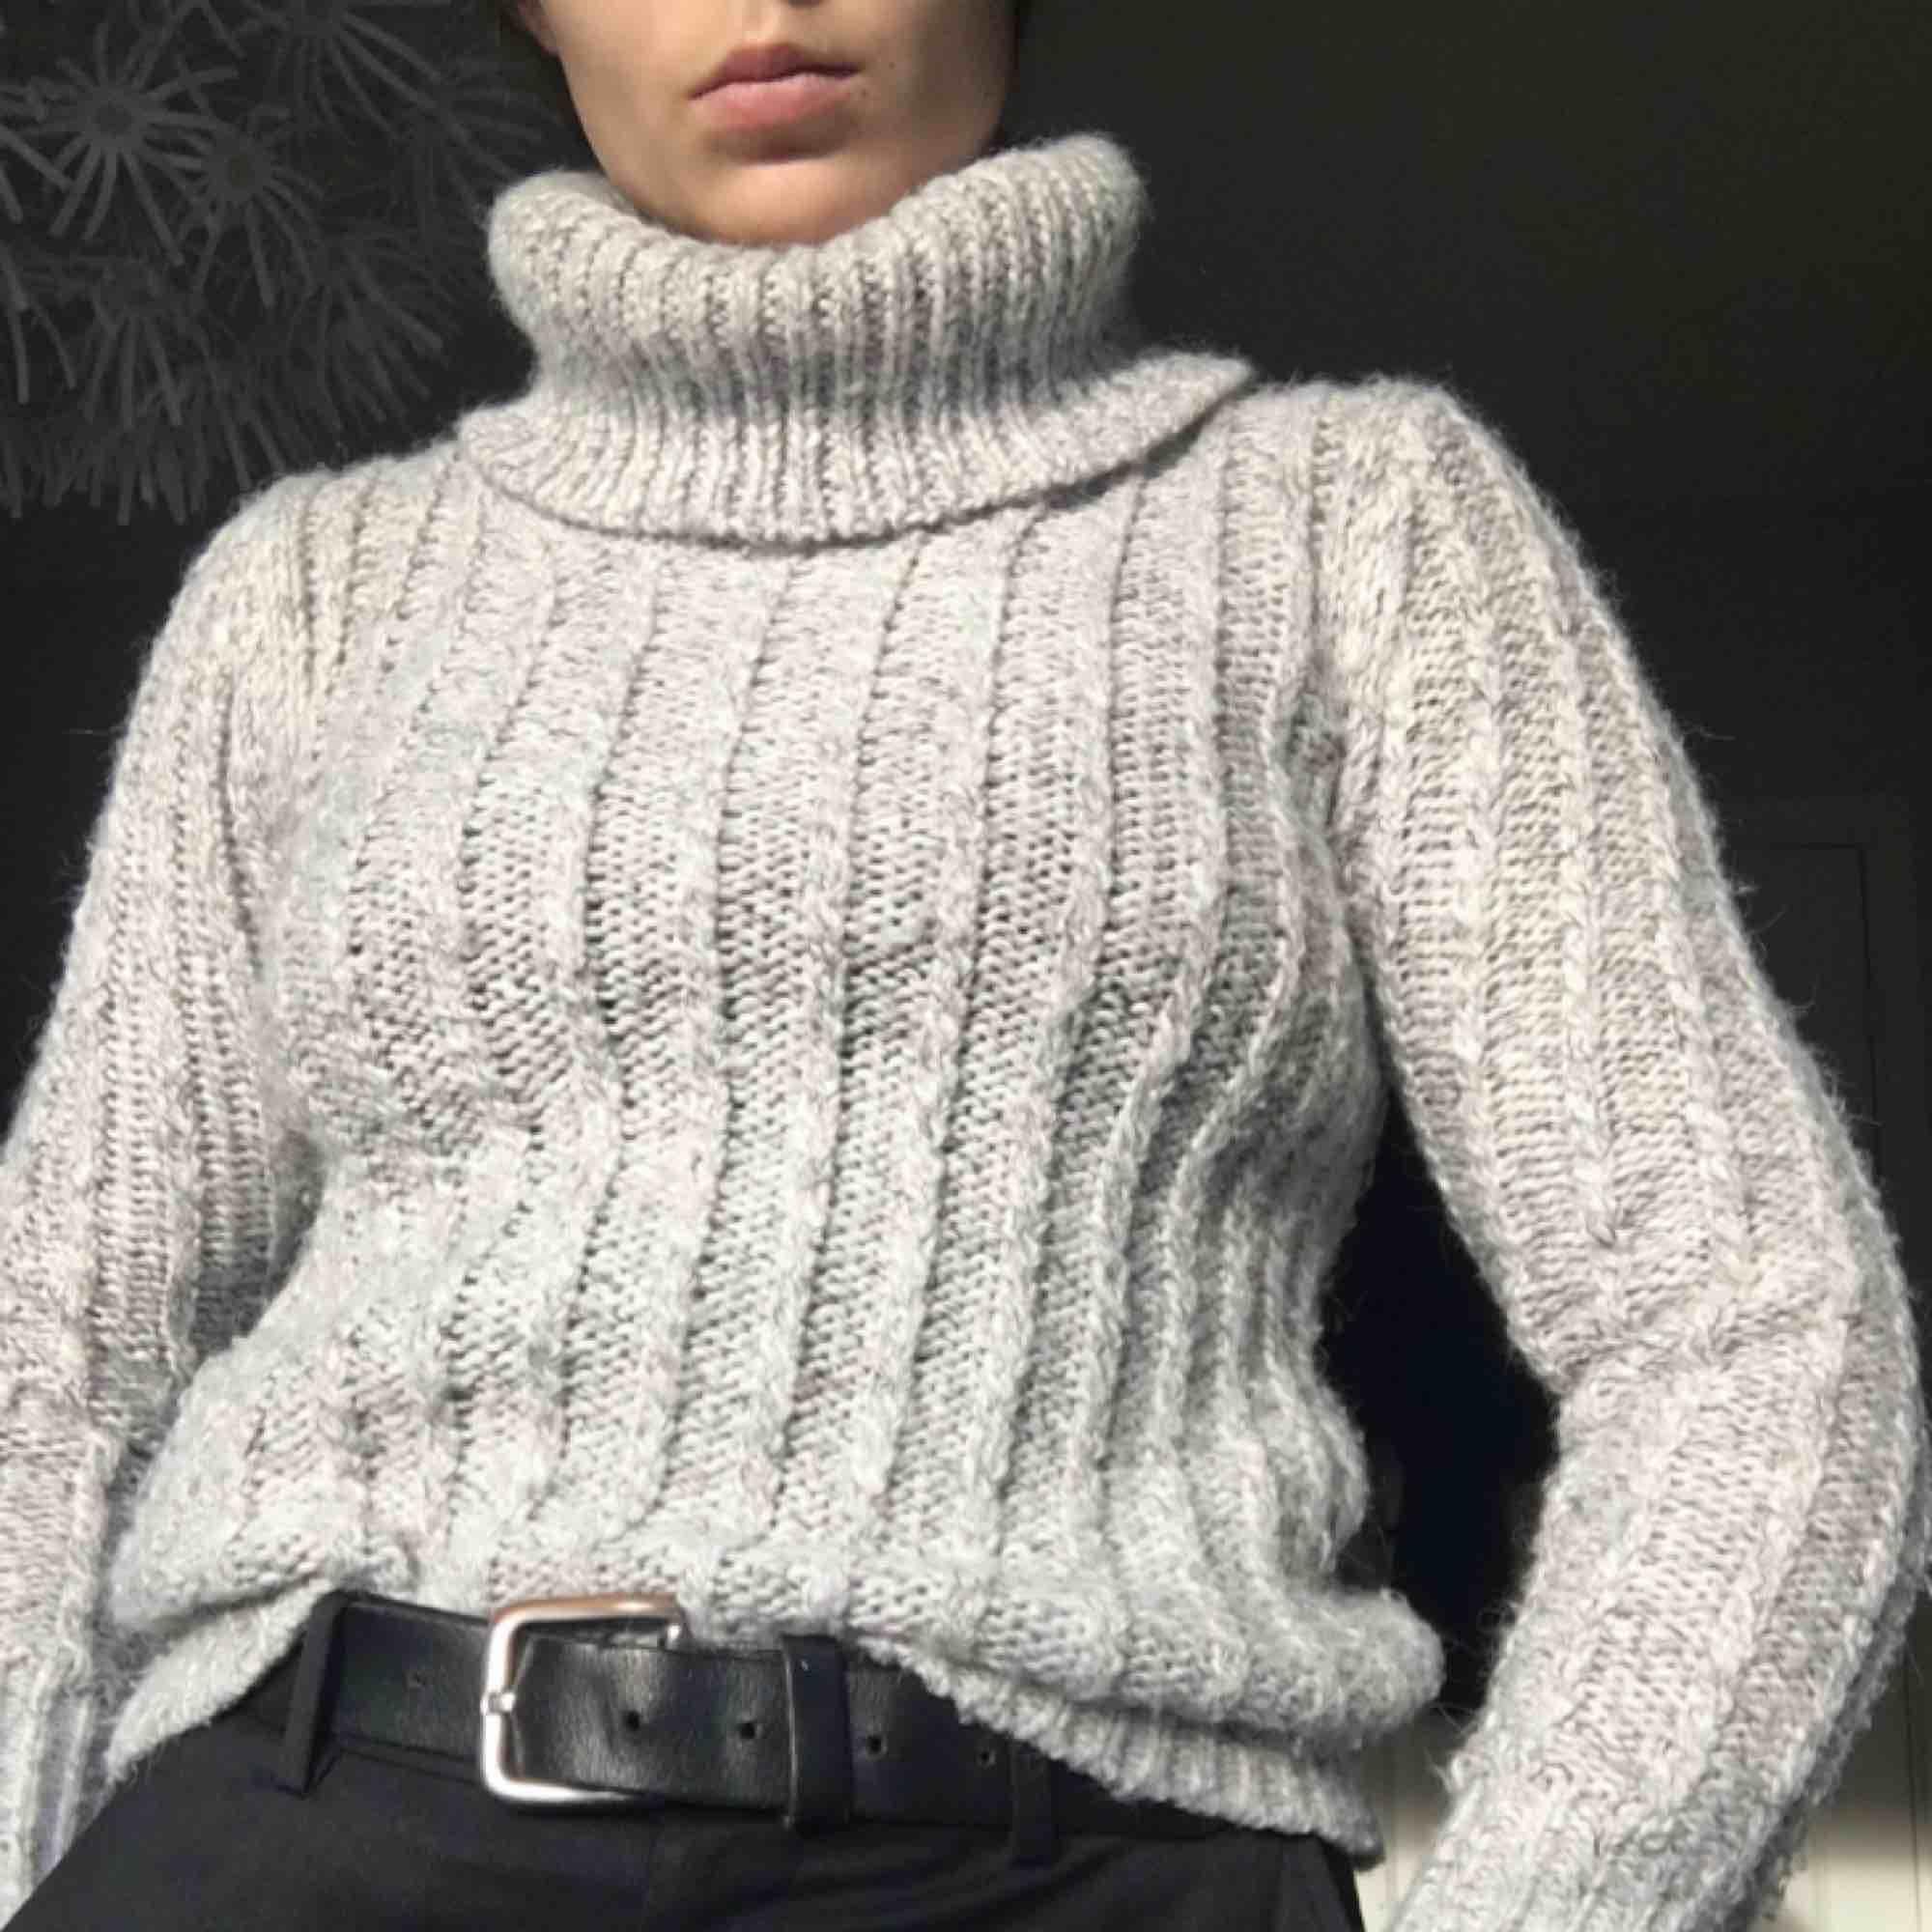 Jättefin stickad tröja i lite finare material. Kan klia lite men funkar fint med en tunn tröja under. 😊 Kan mötas upp i Stockholm annars står köparen för frakten. . Stickat.